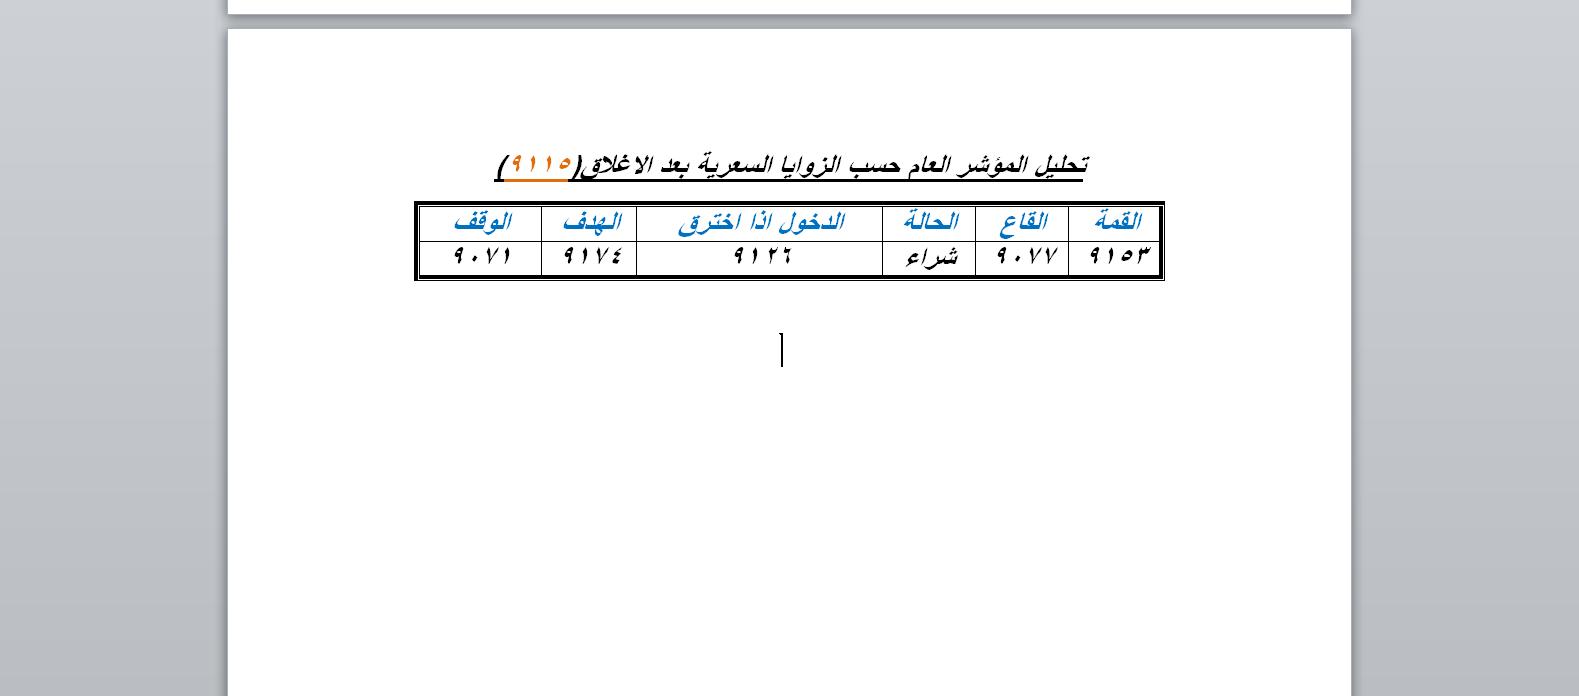 التقرير الفني للمؤشر العام (( الخميس 2021/2/25 ))